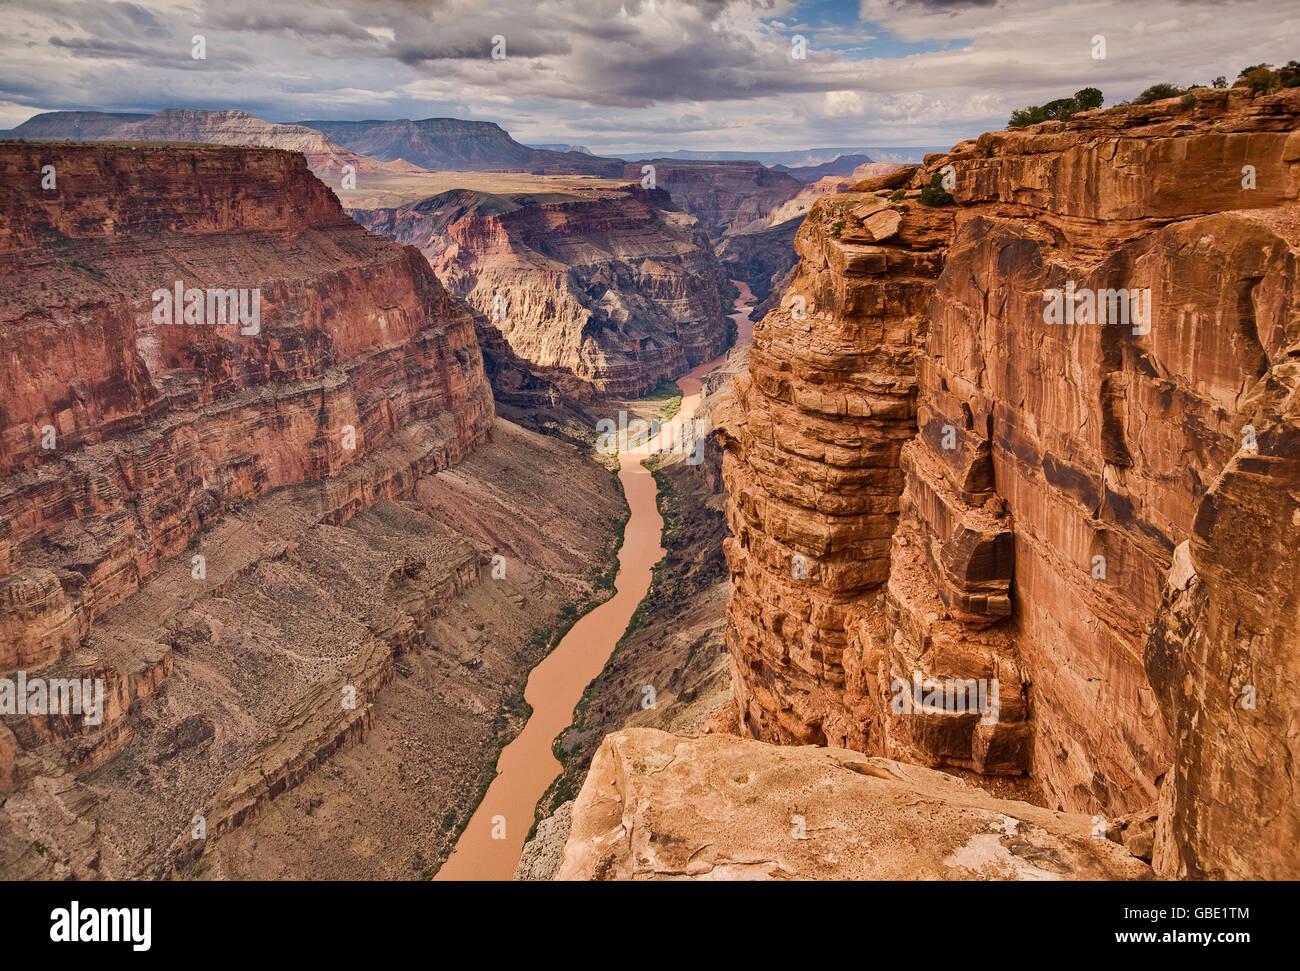 Grand Canyon Toroweap de punto en el extremo norte, a 1.000 metros sobre el Río Colorado, Arizona, EE.UU. Foto de stock